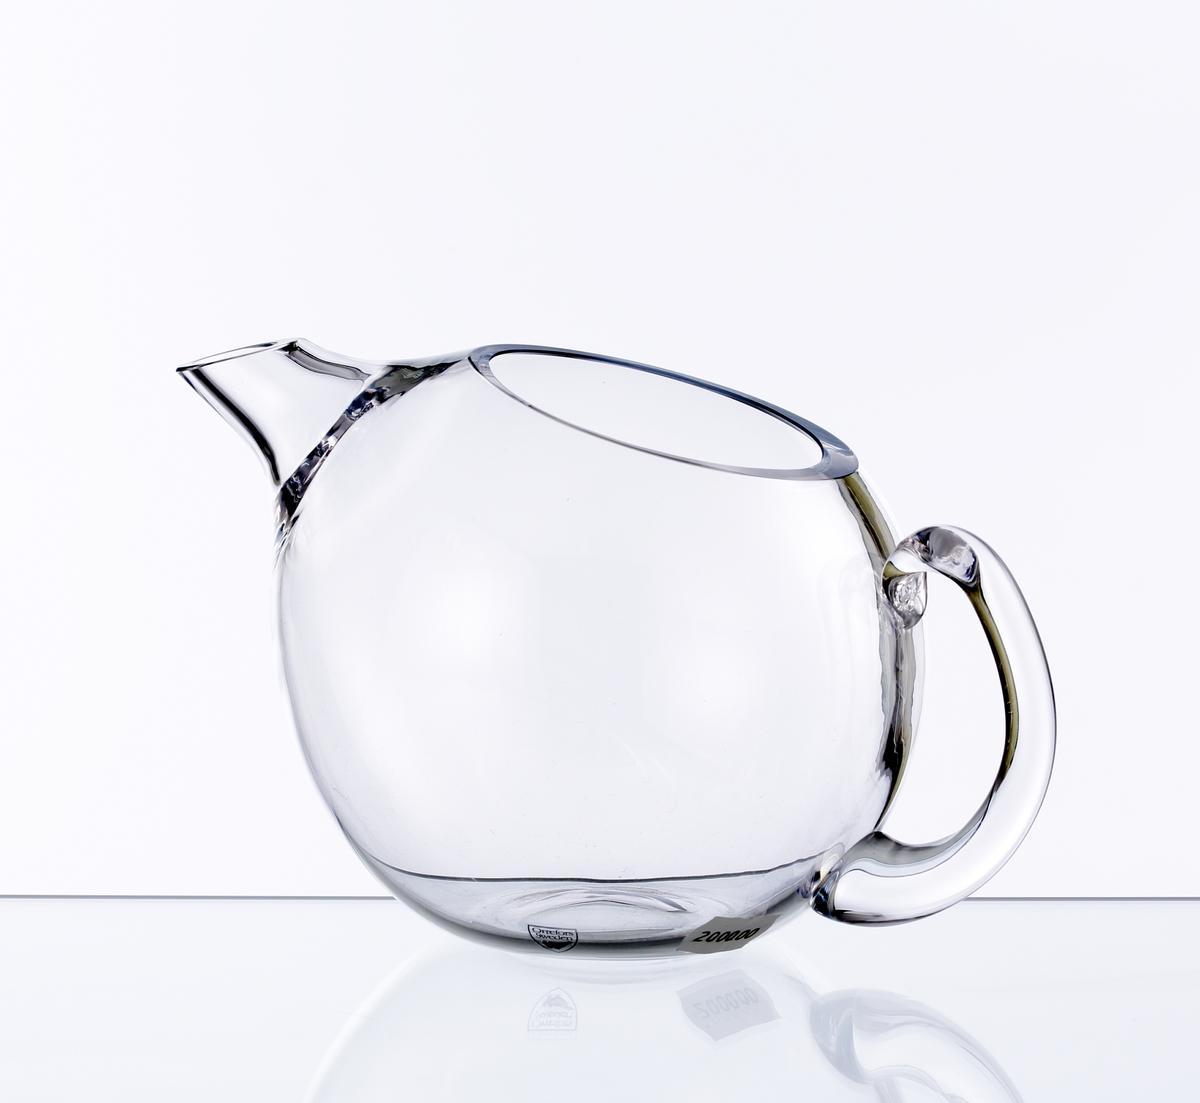 """Kanna """"Mingus"""" med rund kropp som åt ena hållet övergår i en karraktärisktisk och något säregen pip. På motsatt sida en grep. Artikelnumret från 1930-talet anges """"LS 1193 Mingus"""" Etikett: Vapenskjöld med orren och texten """"Orrefors Sweden"""" i silver."""